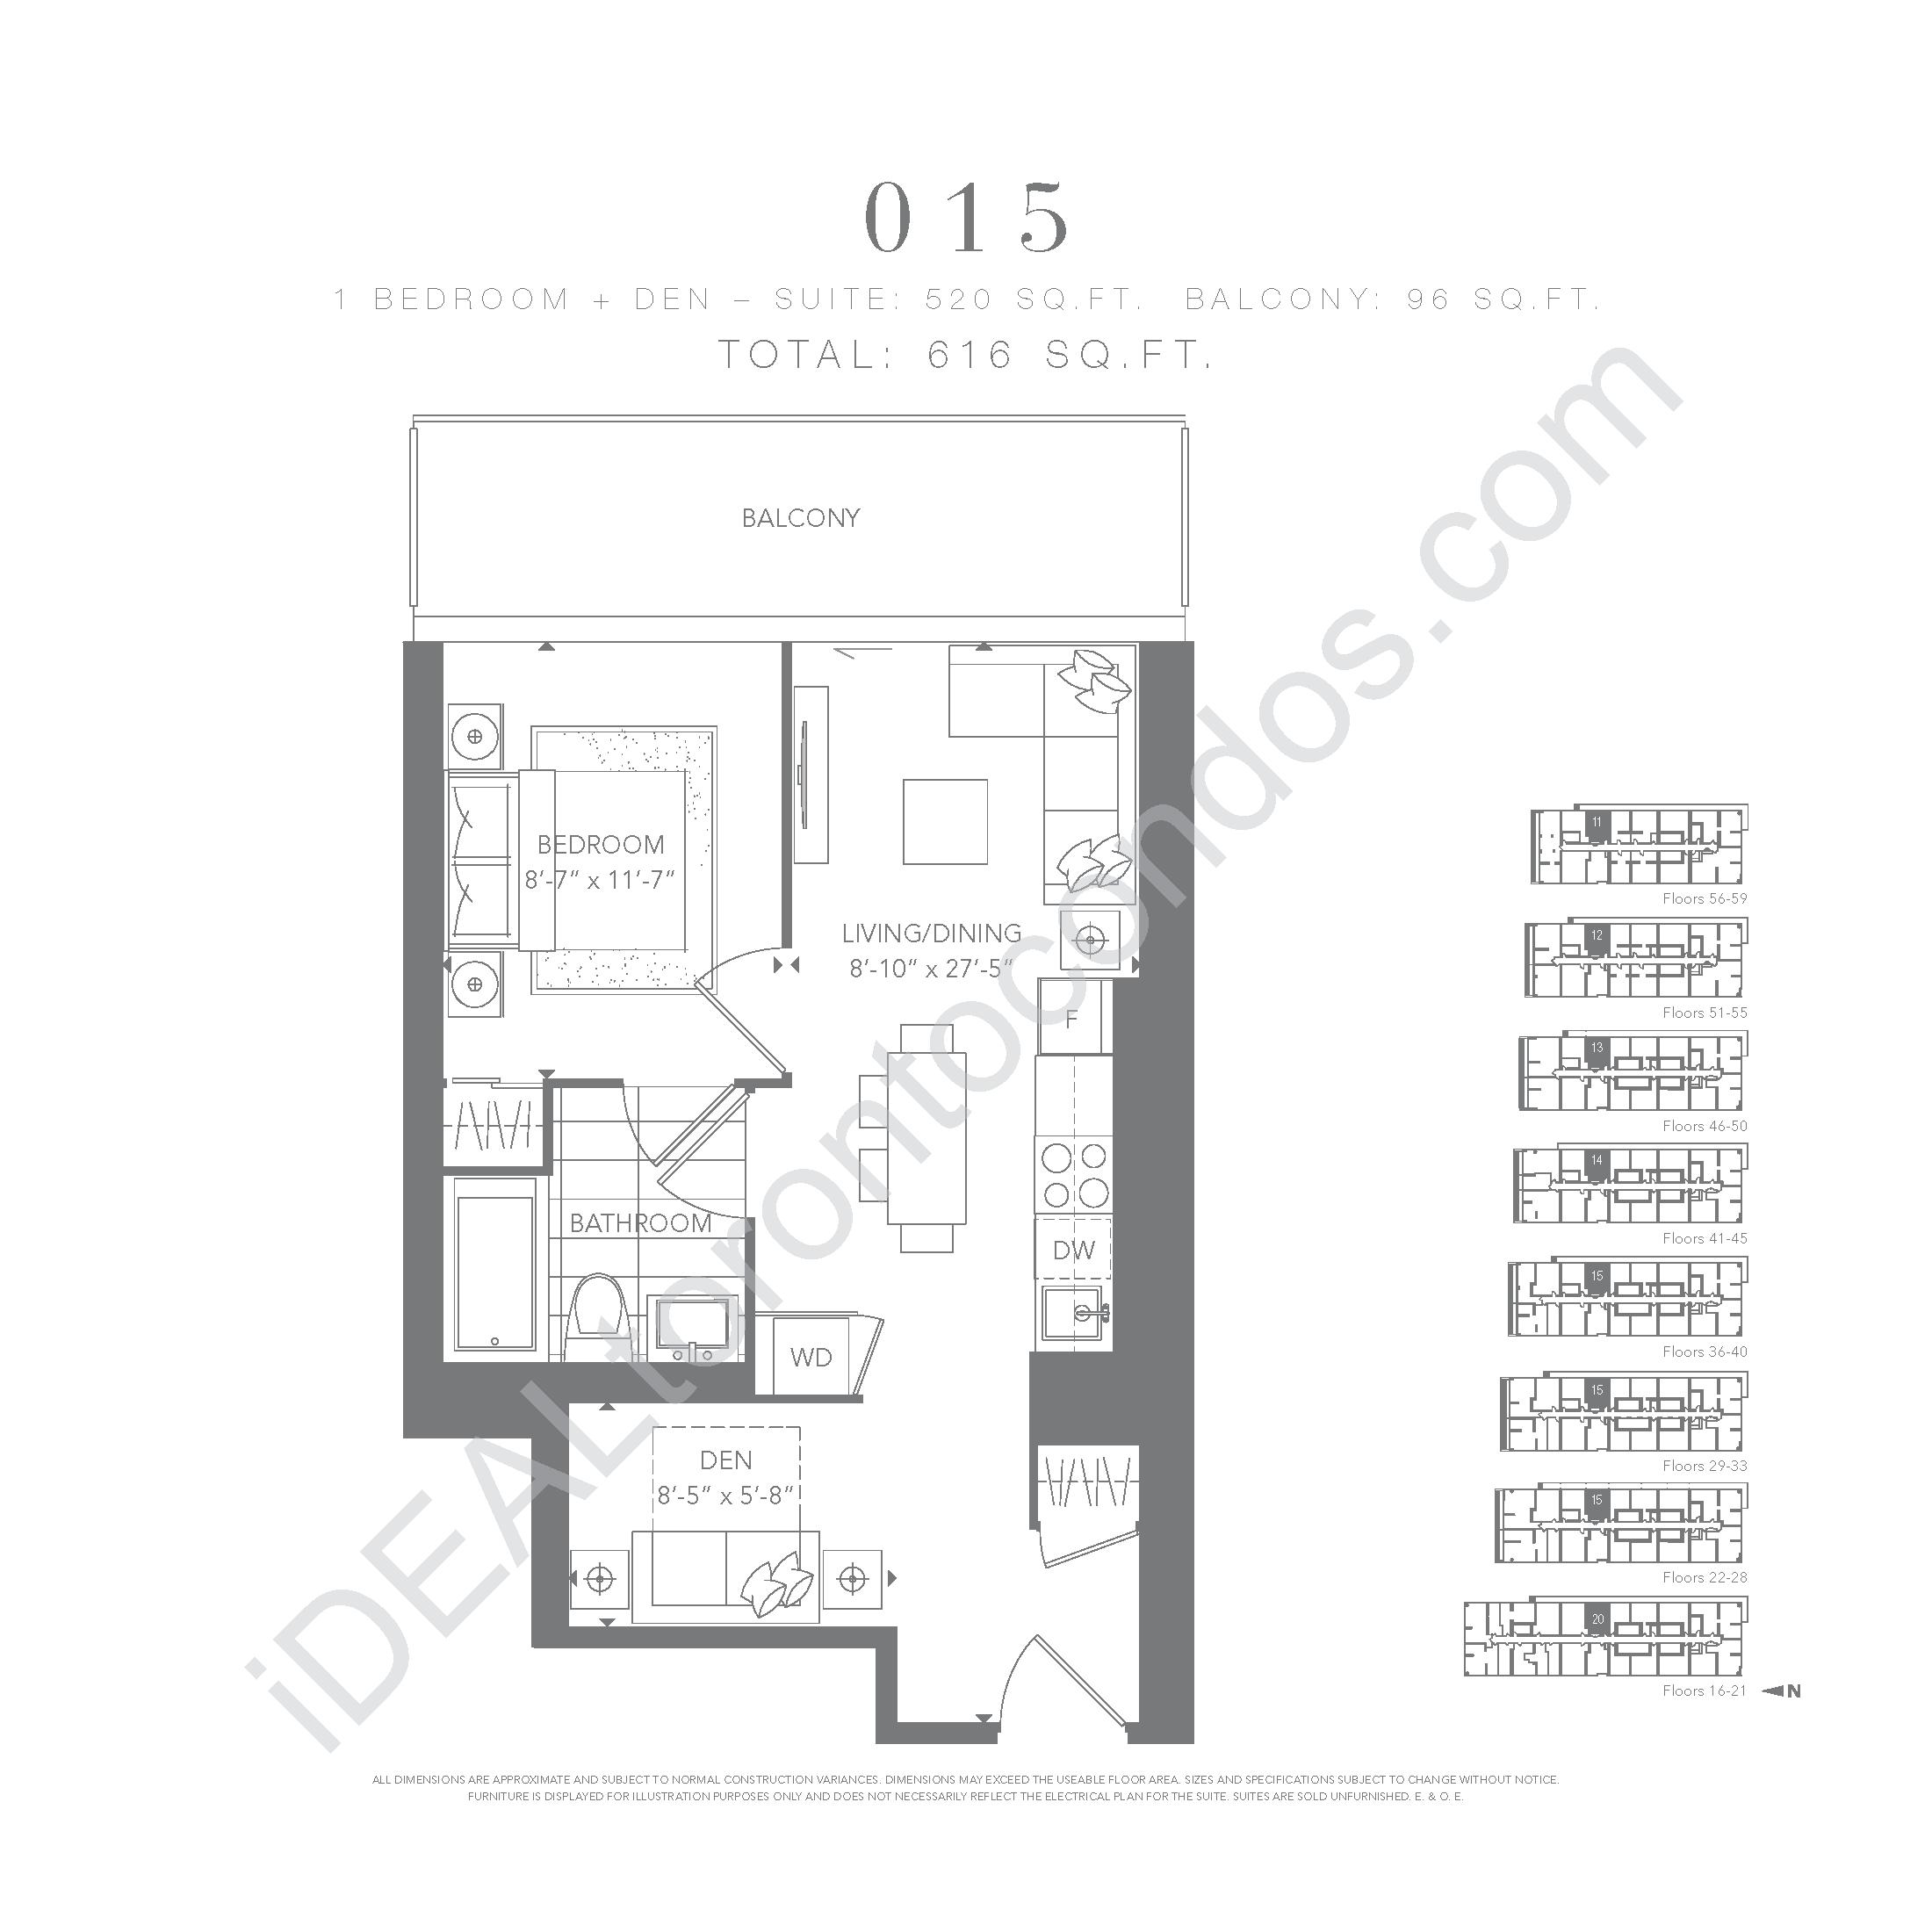 1 bedroom + den 015